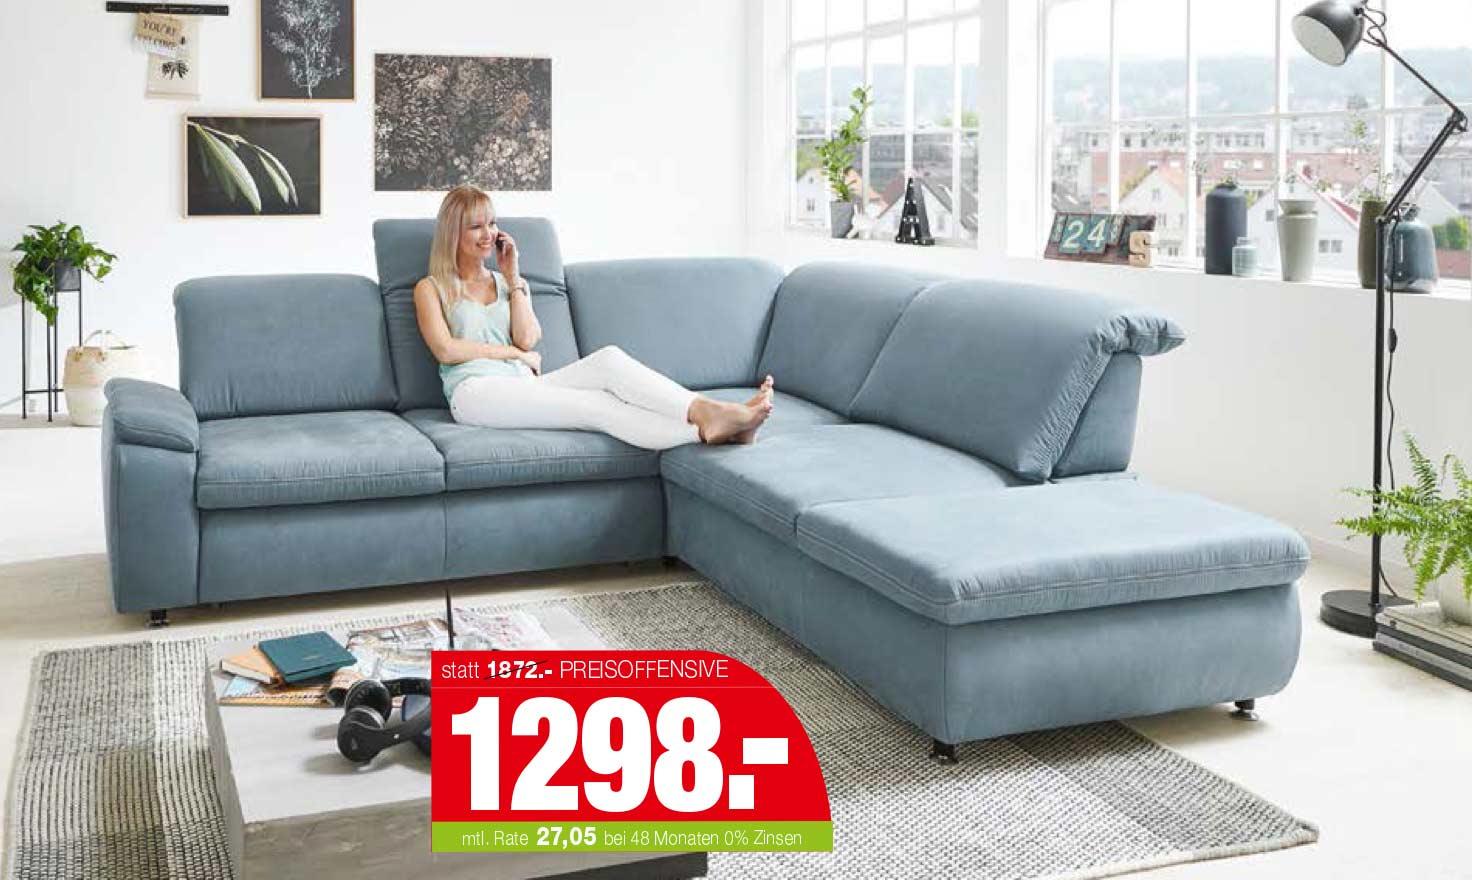 Full Size of Sofa Auf Rechnung Kaufen Als Neukunde Couch Raten Trotz Schufa Ratenkauf Bestellen Ohne Online Ratenzahlung Negativer Und Zum Besten Preis Company In Paderborn Sofa Sofa Auf Raten